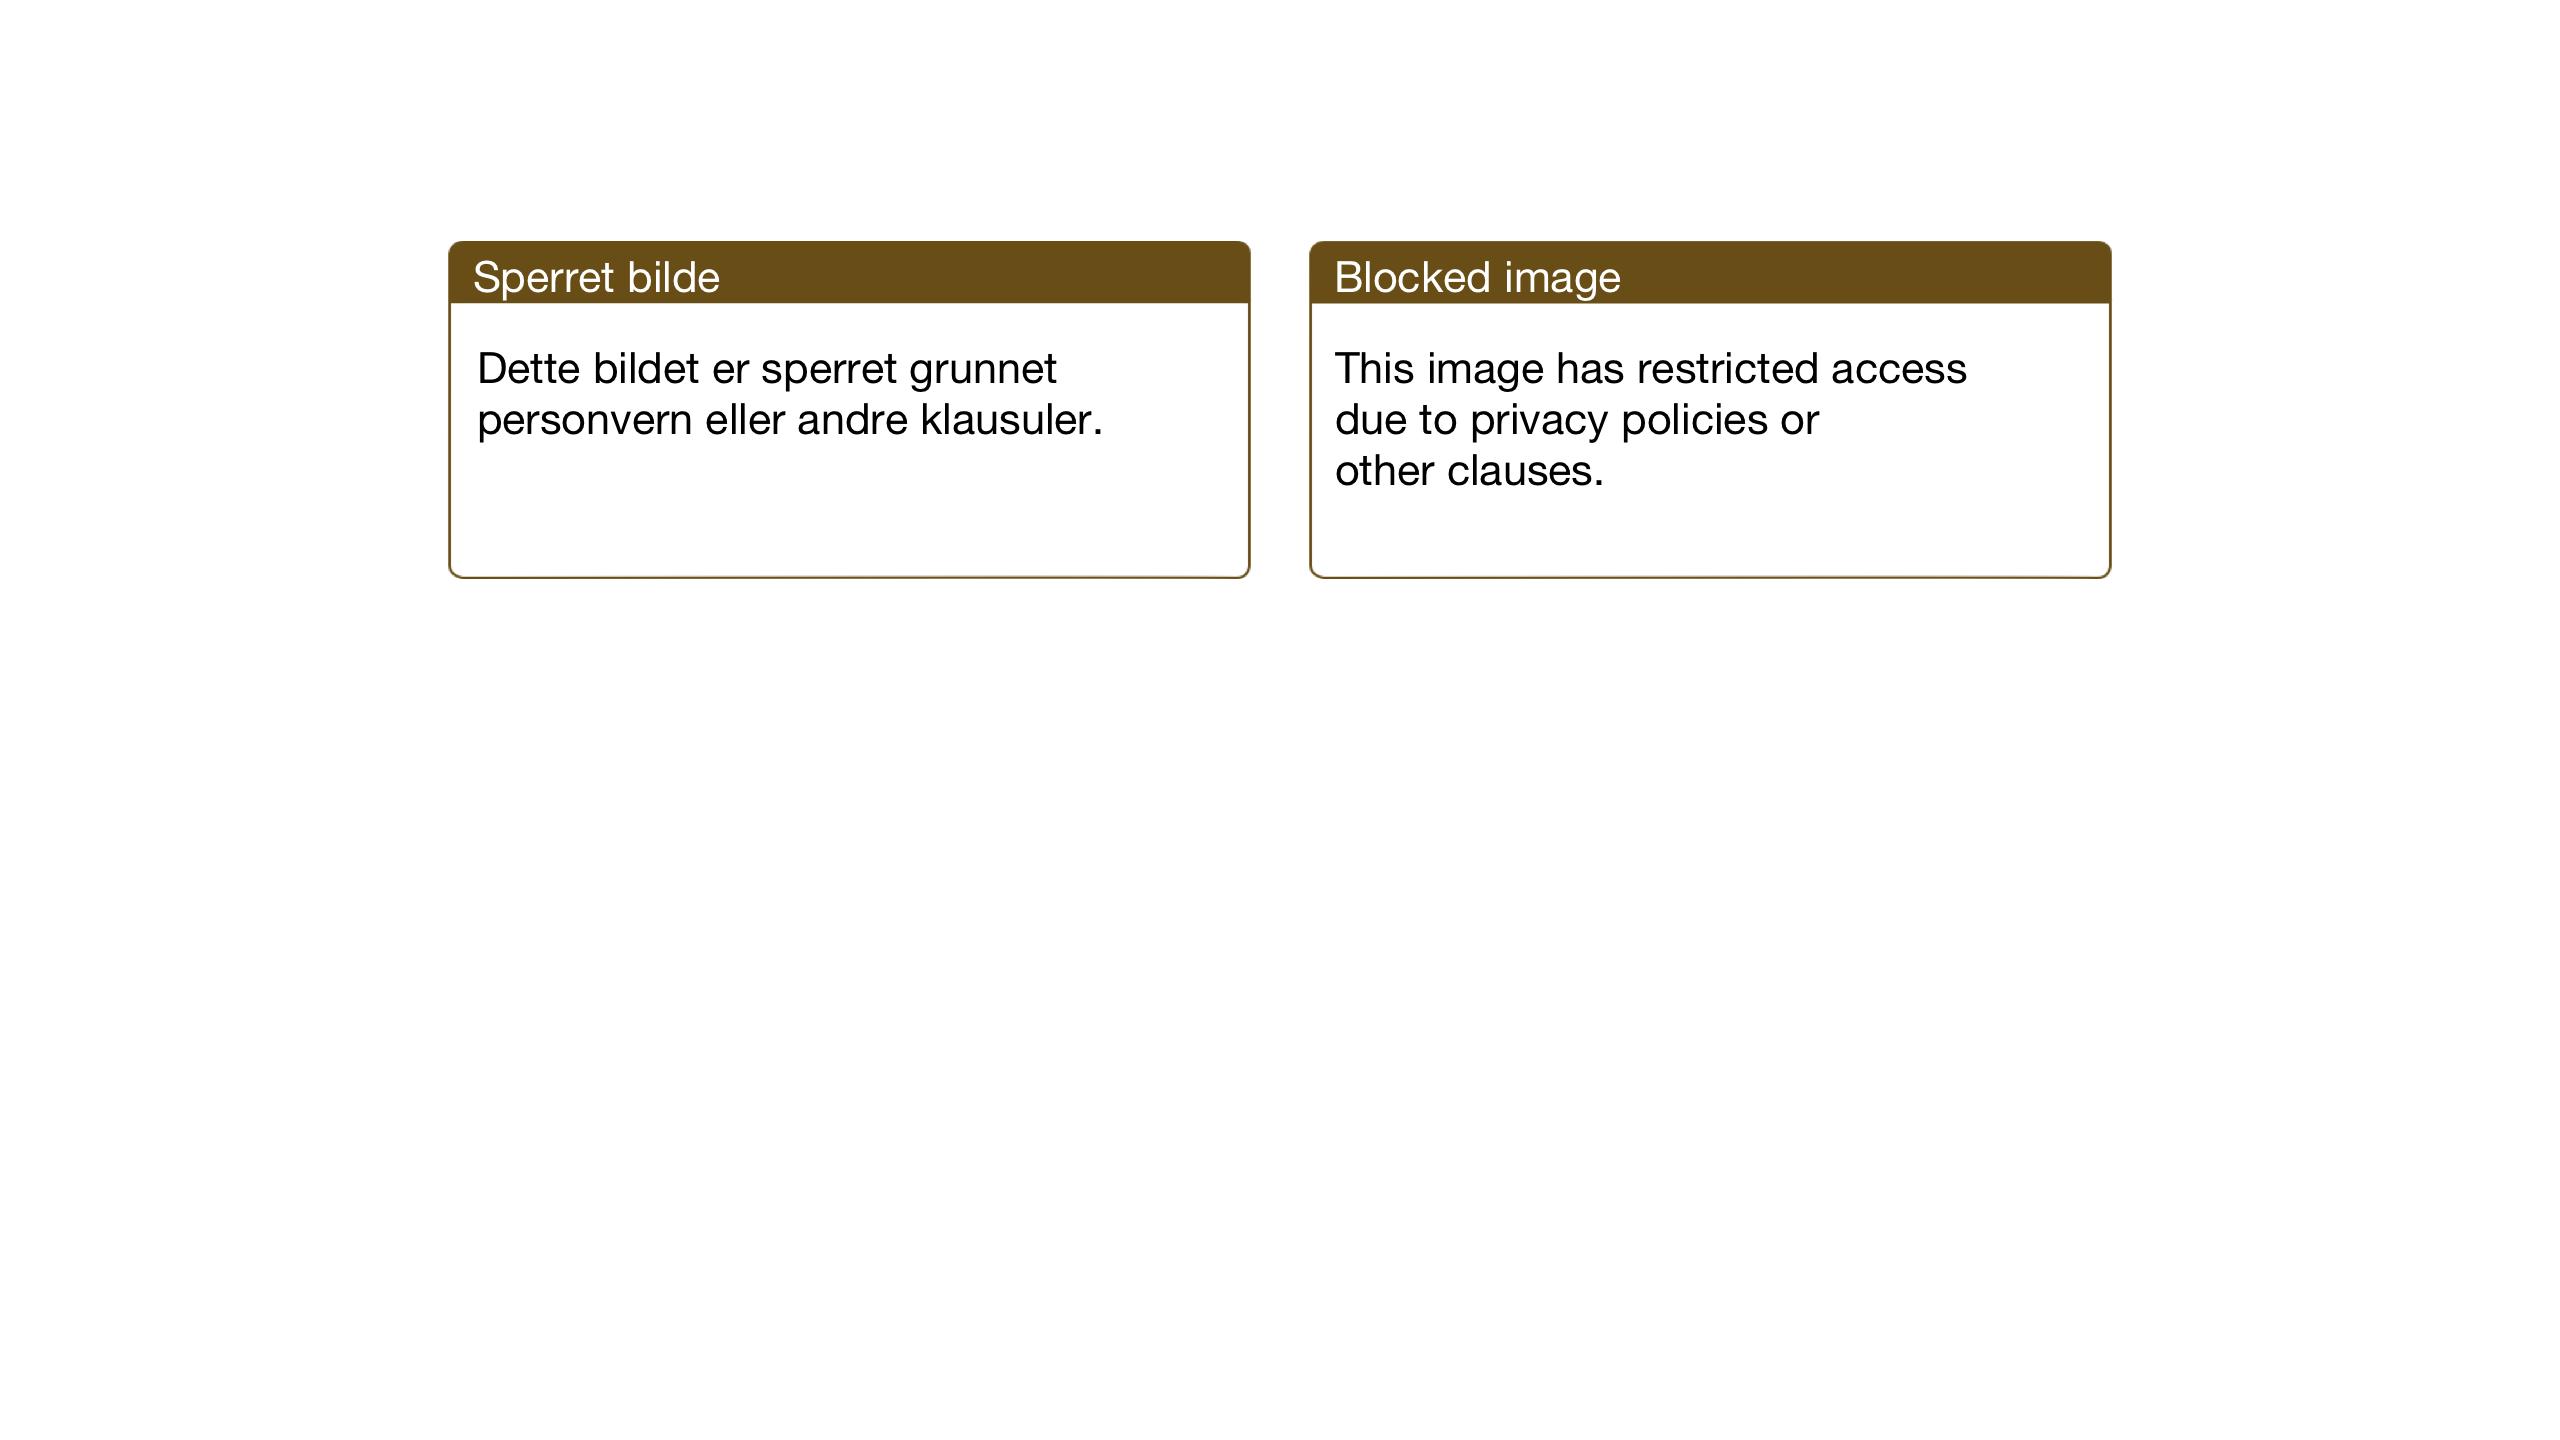 SAT, Ministerialprotokoller, klokkerbøker og fødselsregistre - Sør-Trøndelag, 638/L0569: Klokkerbok nr. 638C01, 1923-1961, s. 94